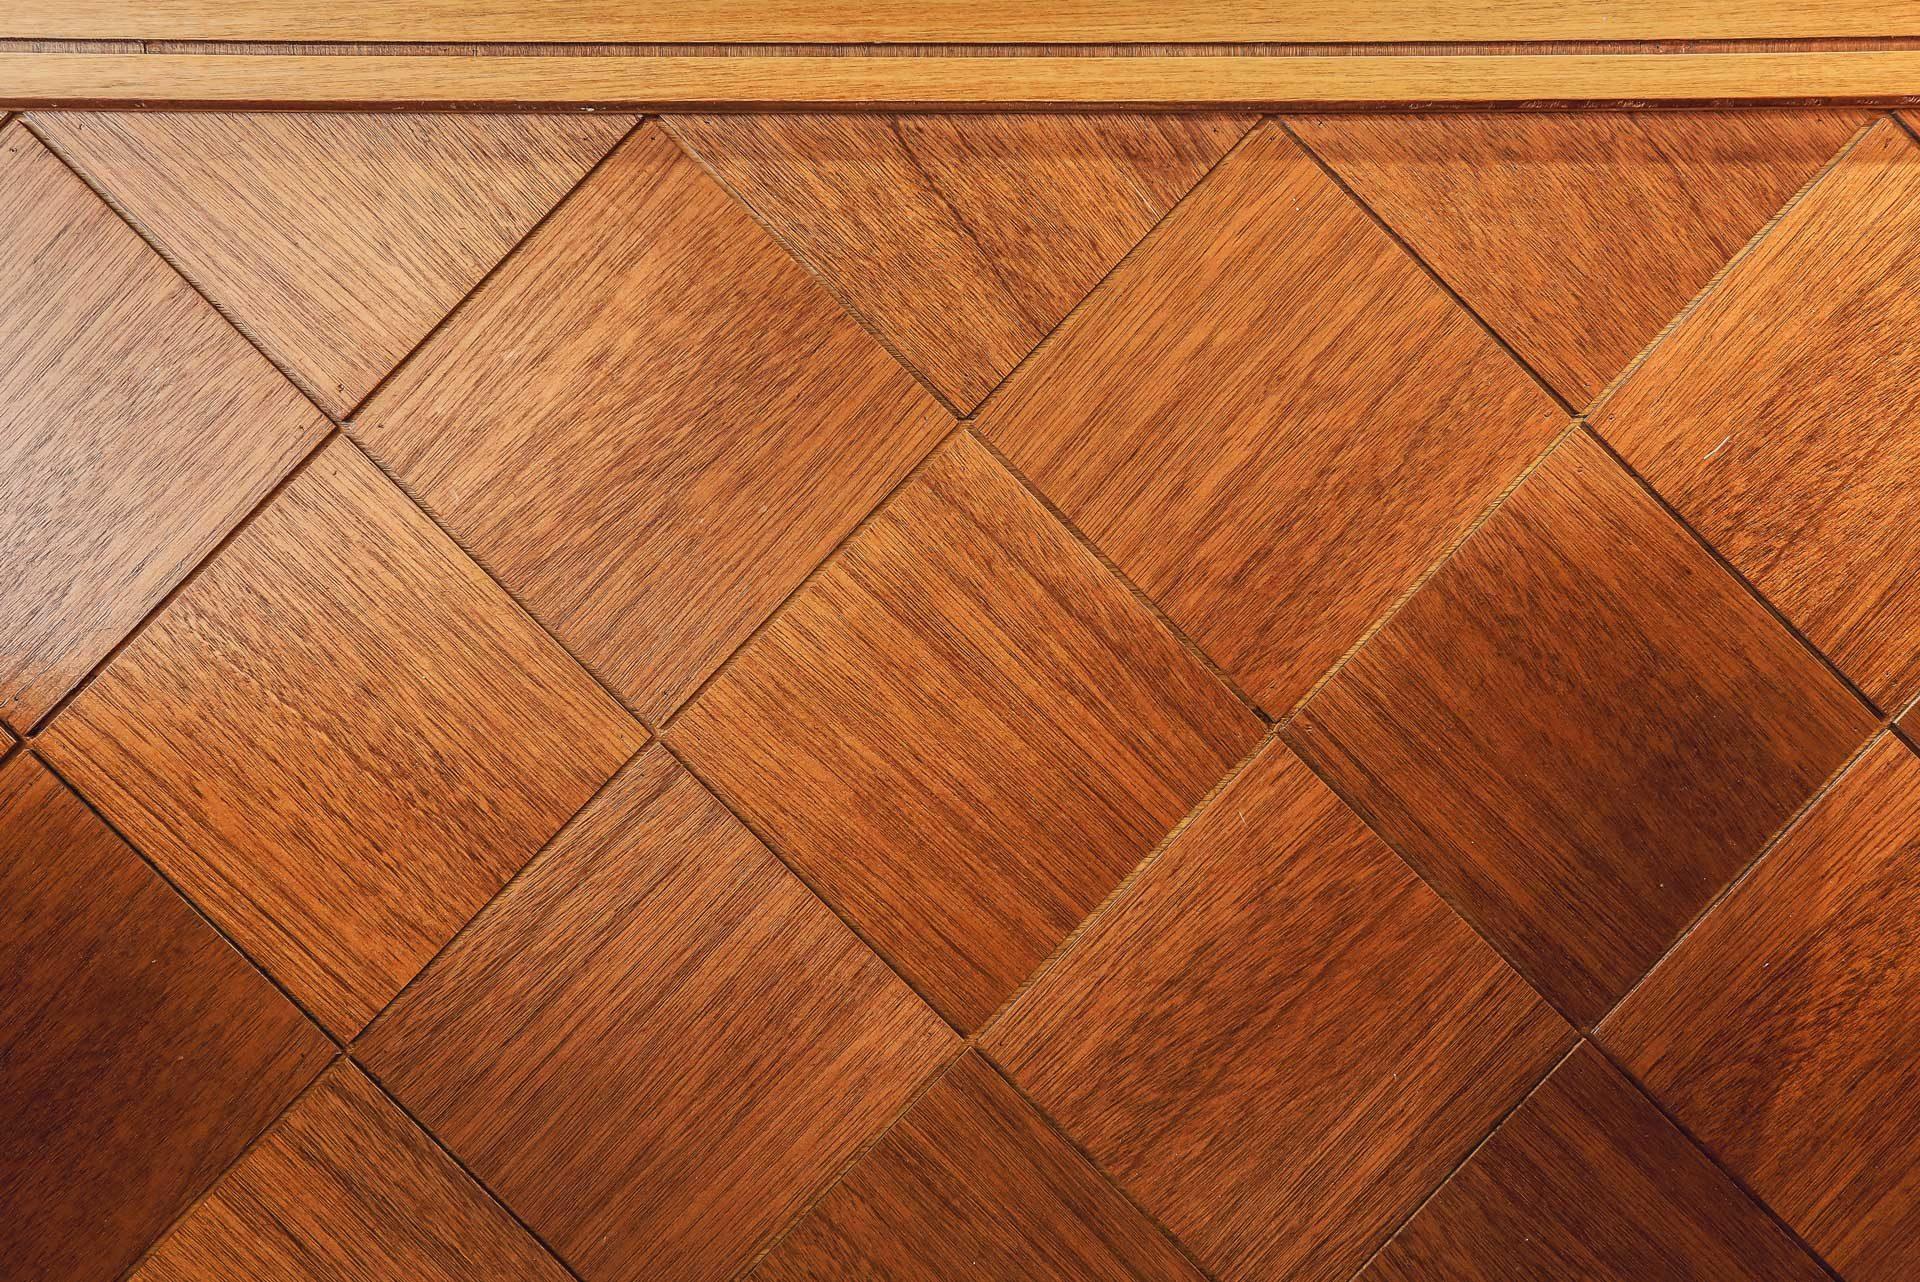 菱形牆板正面木紋方向特寫